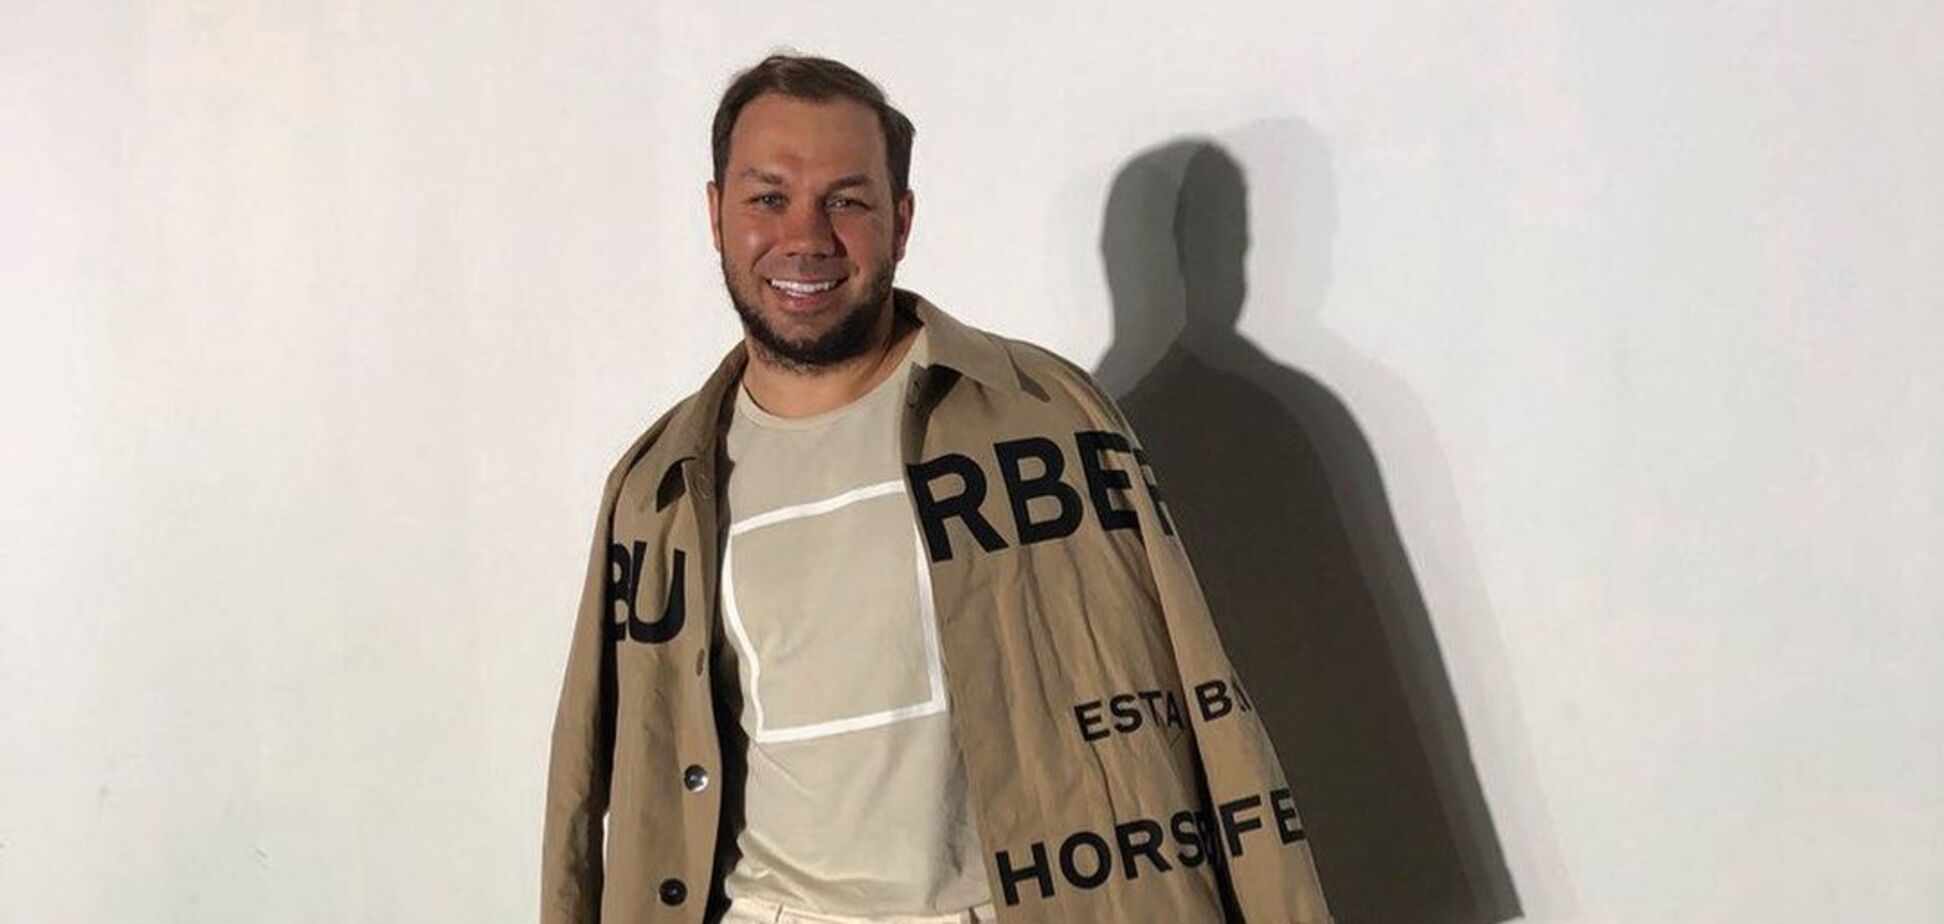 Андре Тан показал модный льяной костюм